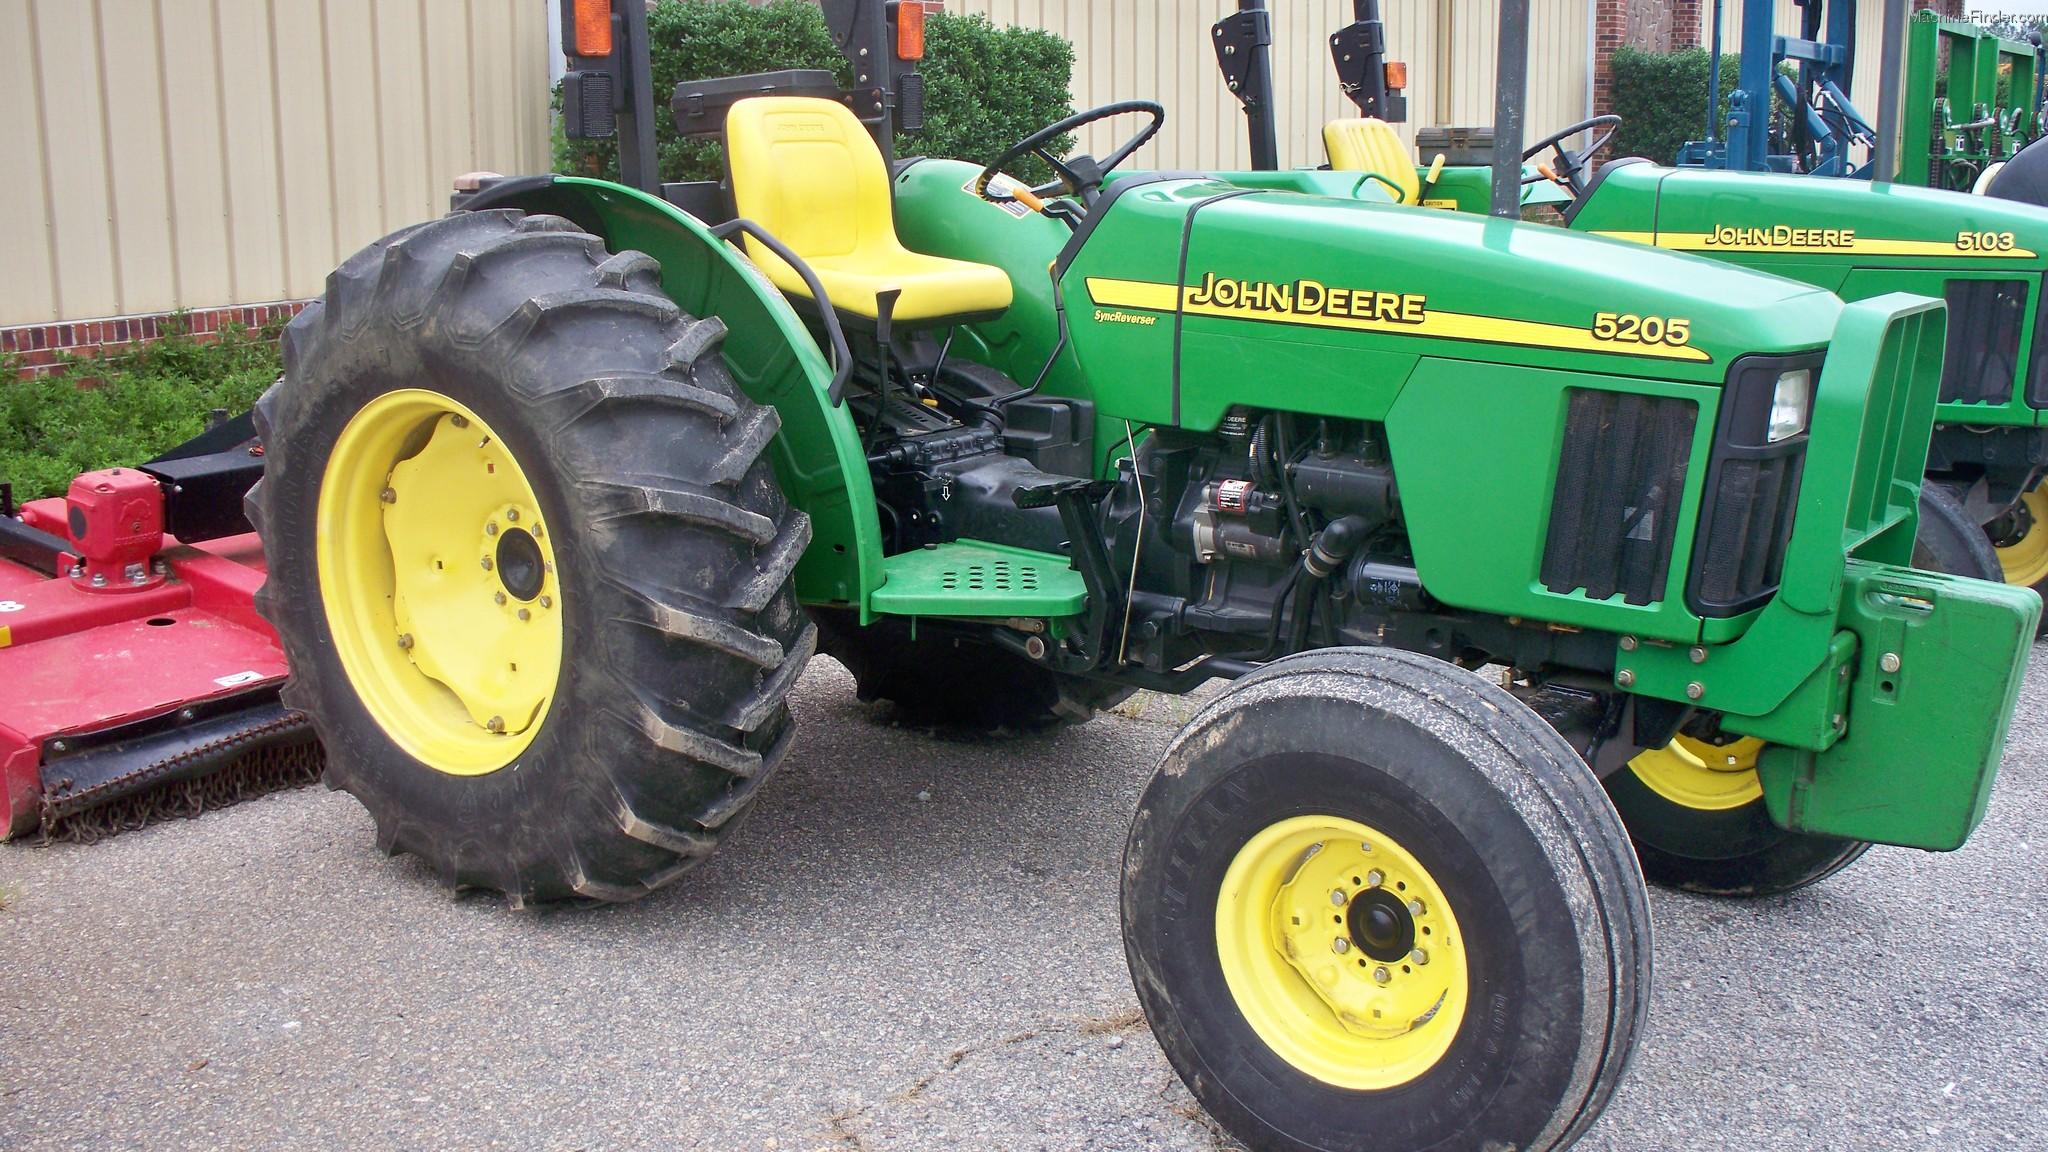 John Deere 5205 Tractor Parts | John Deere Parts: John Deere ... on